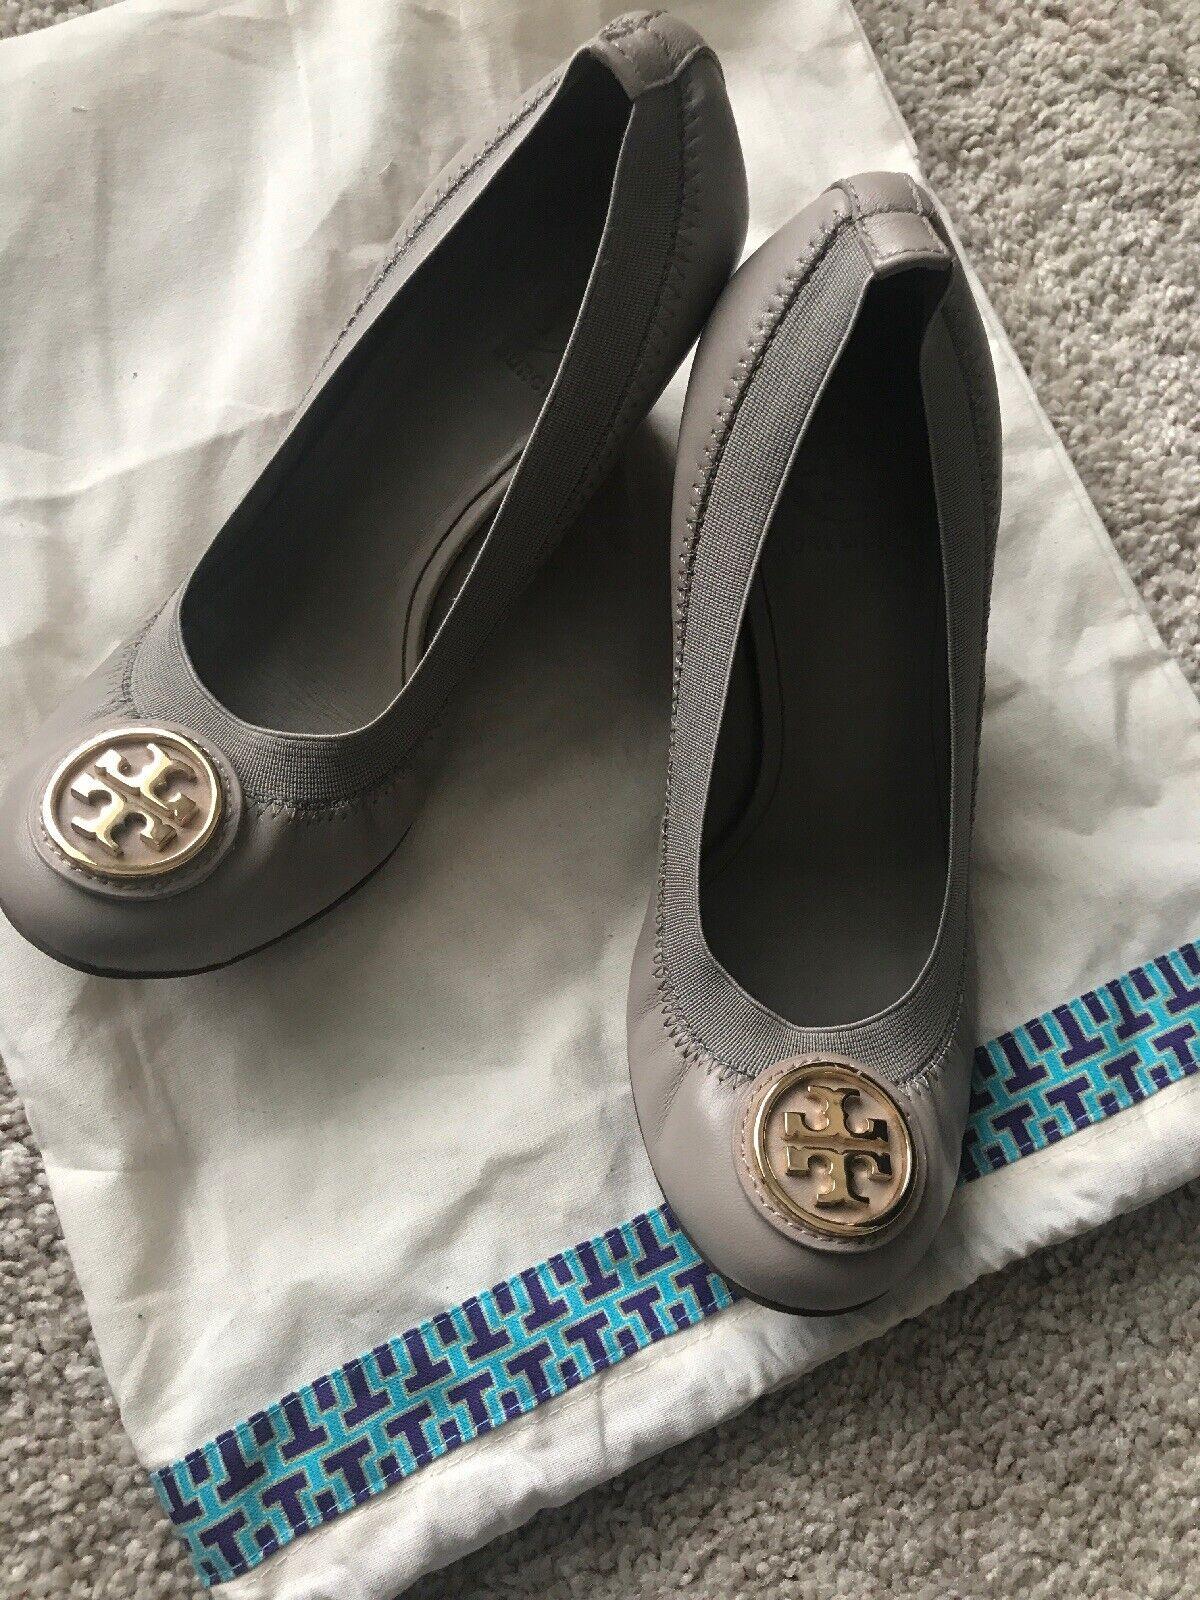 in vendita Authentic Tory Burch Reva Reva Reva Wedges scarpe Heels Dimensione 6  Garanzia del prezzo al 100%